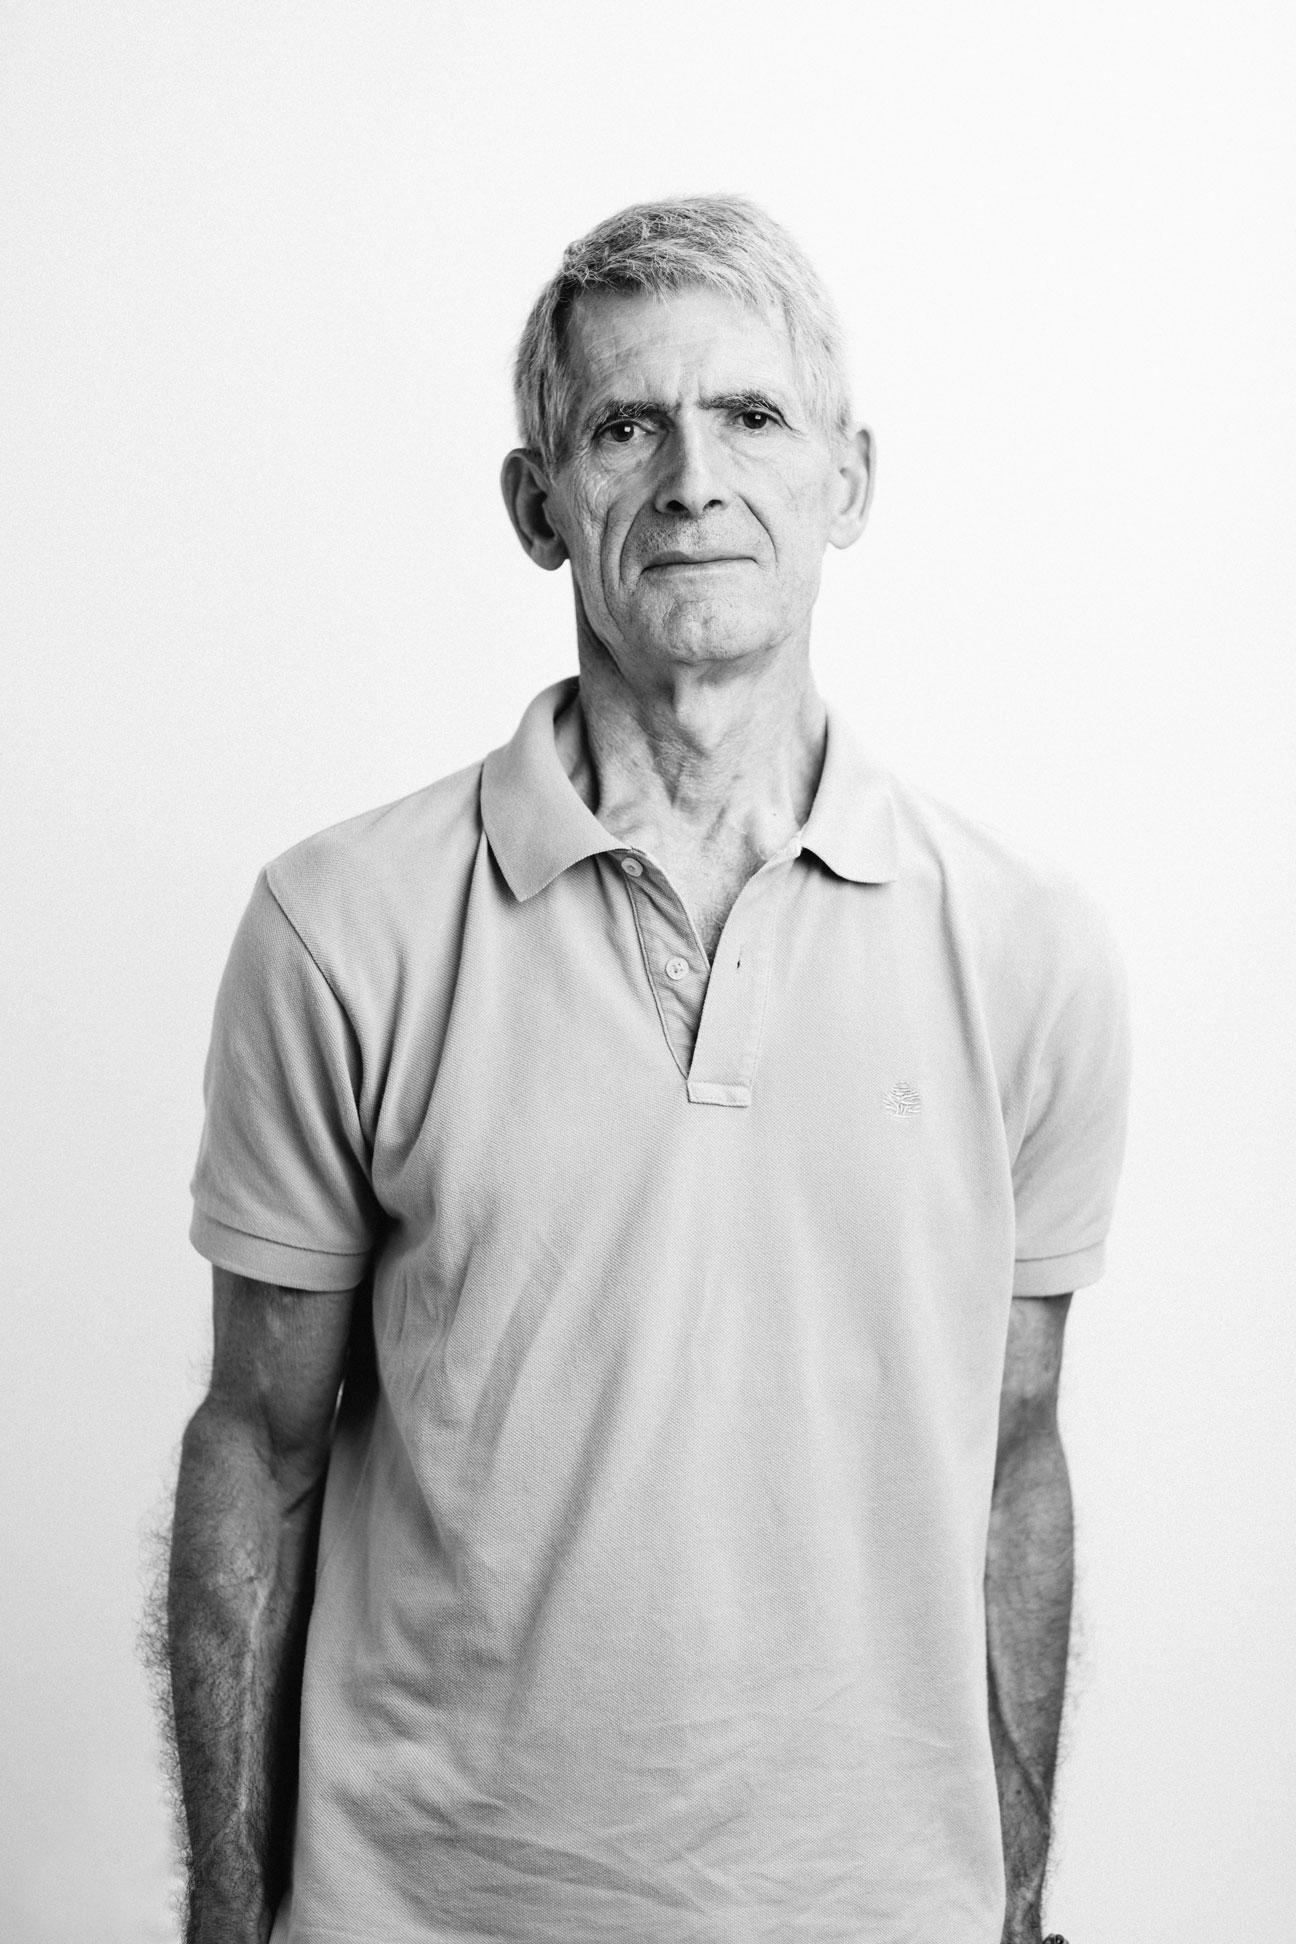 fotografía estudio retrato fotógrafo valencia model